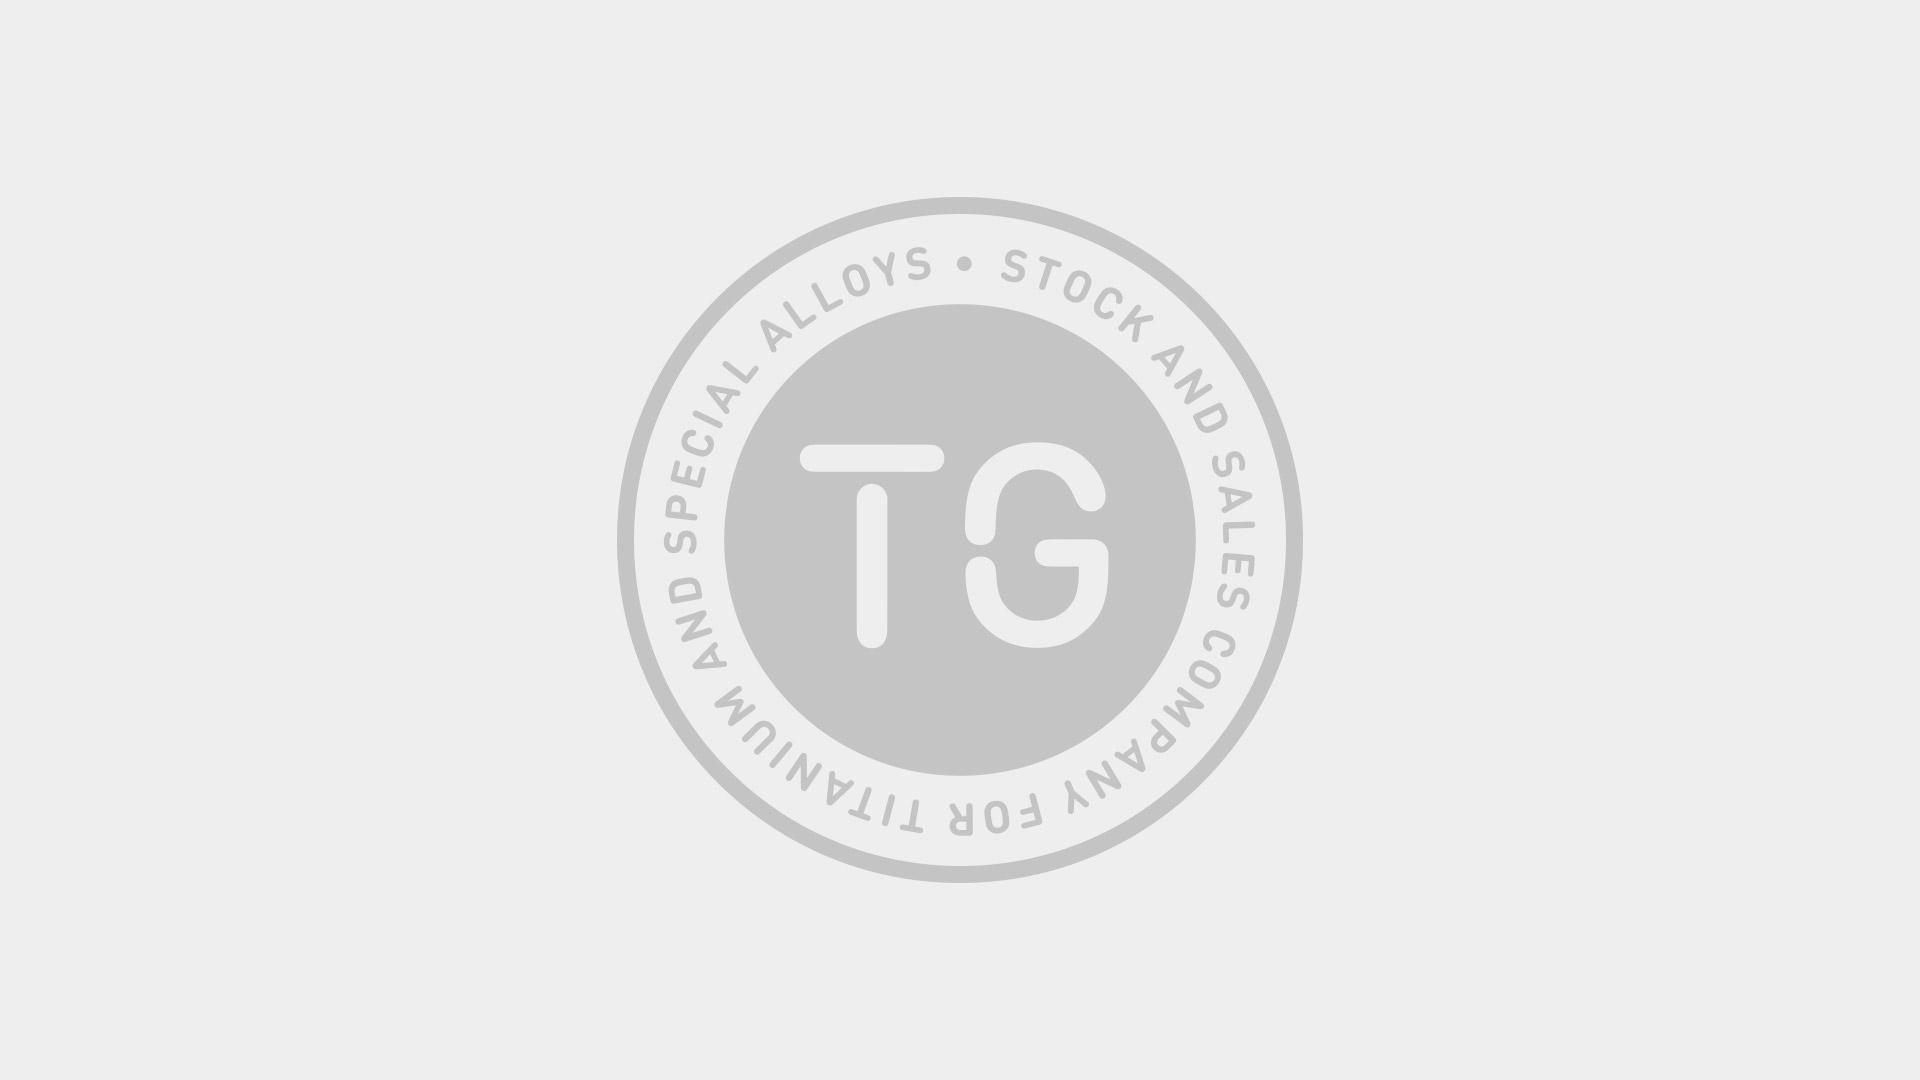 About us - Titanium gateway